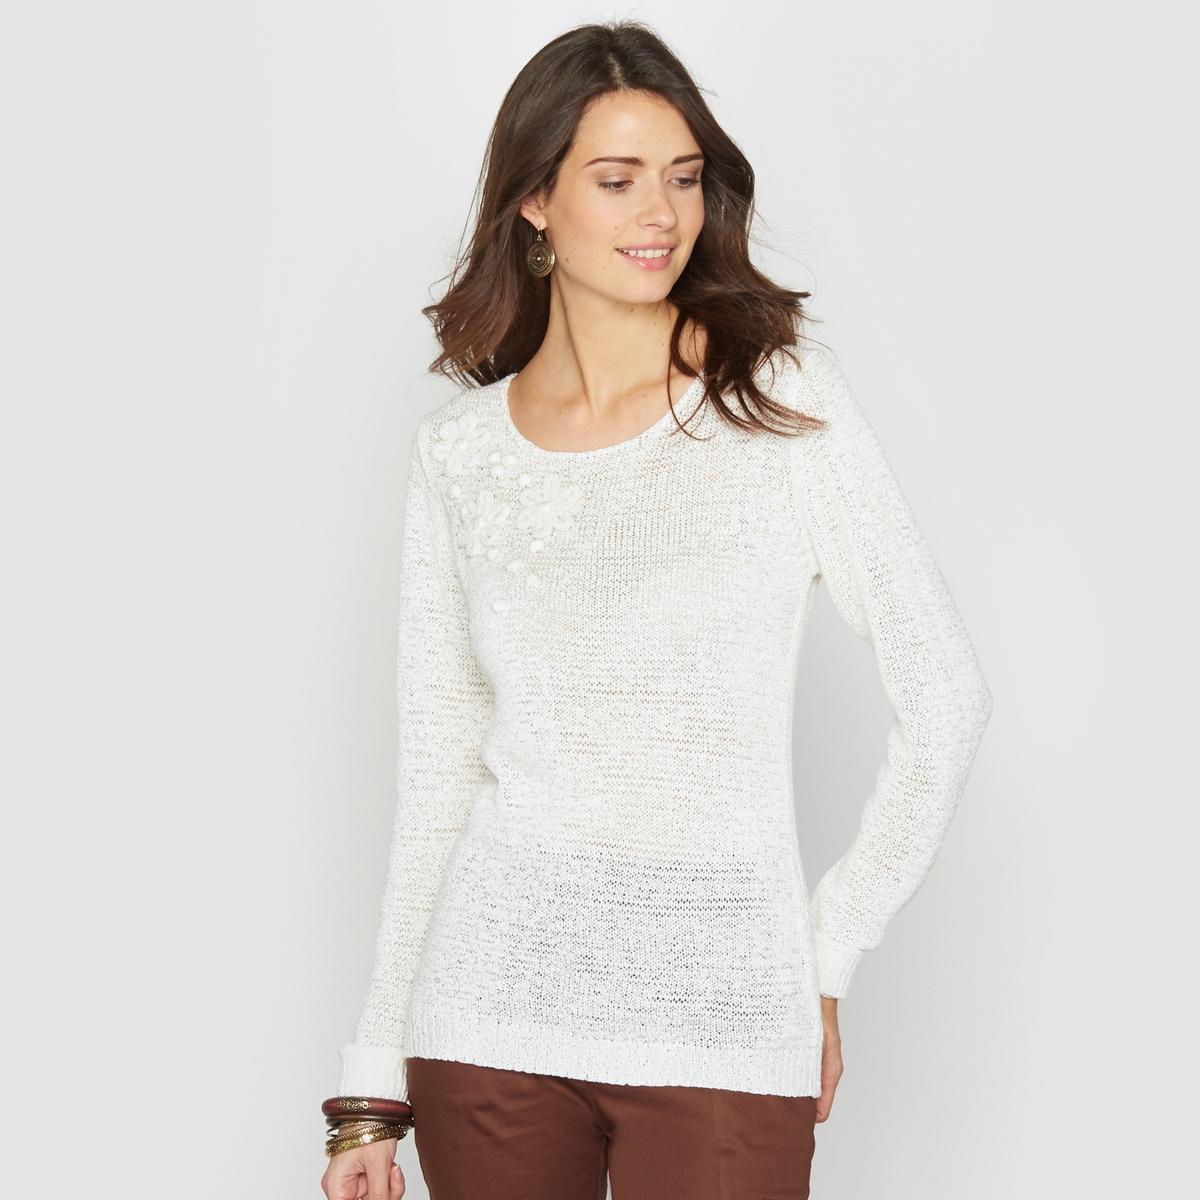 Пуловер из трикотажаПриятный в носке пуловер . Пуловер с круглым вырезом и аппликацией в виде цветов из трикотажа .Состав и описание :Материал : Трикотаж 75% акрила, 25% полиамида .Длина 62 см.Марка : Anne WeyburnУход :Машинная стирка при 30° в умеренном режиме .Гладить при умеренной температуре.<br><br>Цвет: экрю<br>Размер: 42/44 (FR) - 48/50 (RUS).46/48 (FR) - 52/54 (RUS)